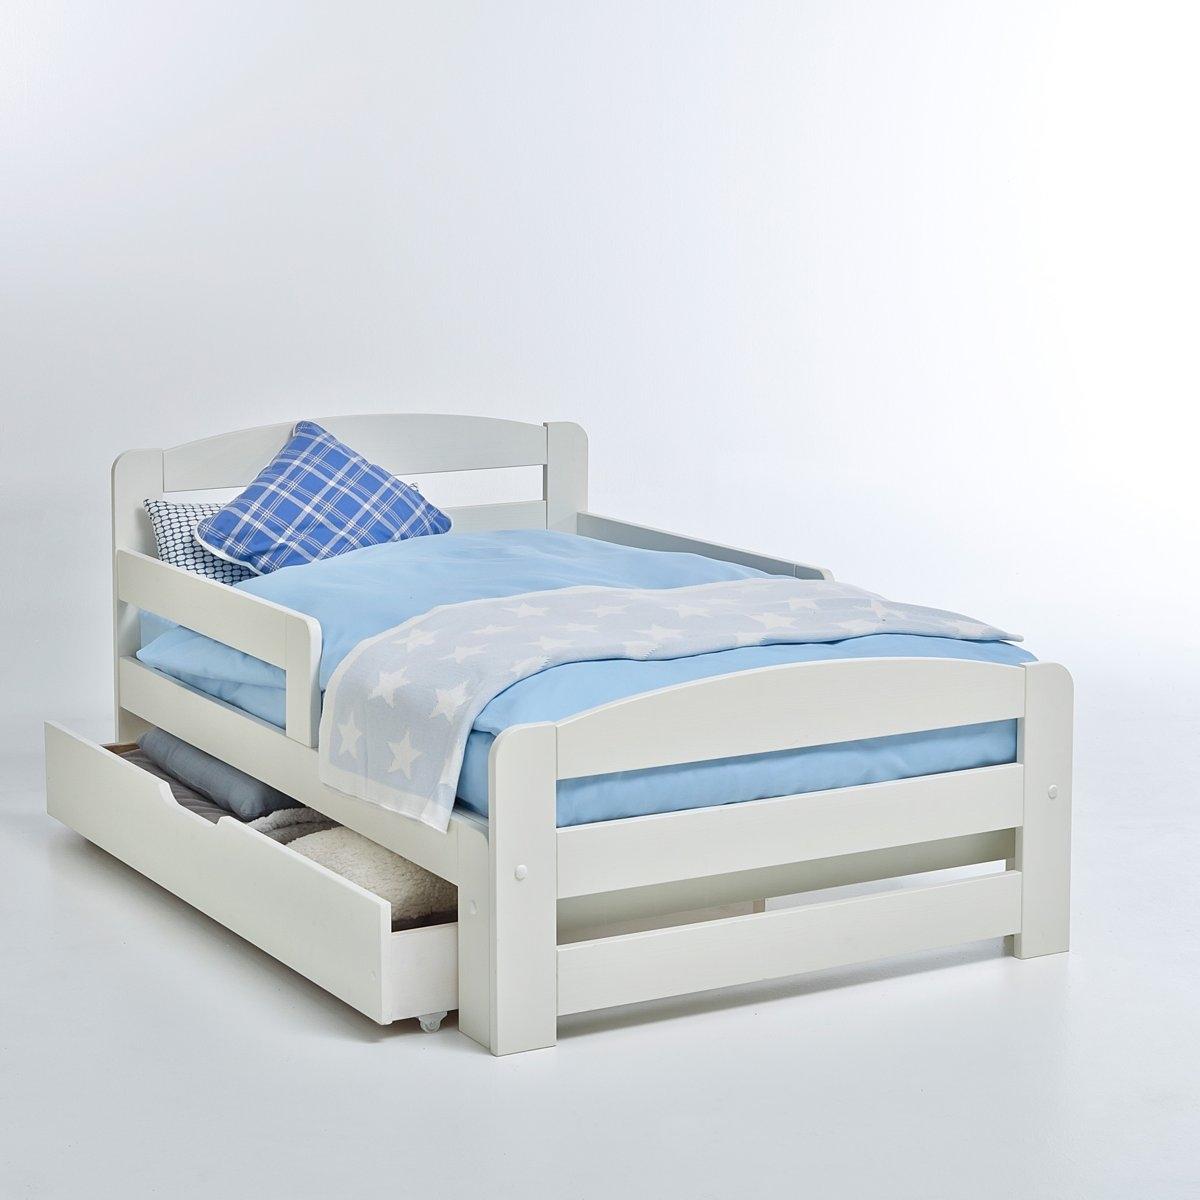 цена Кровать раздвижная 1-спальная, Toudou